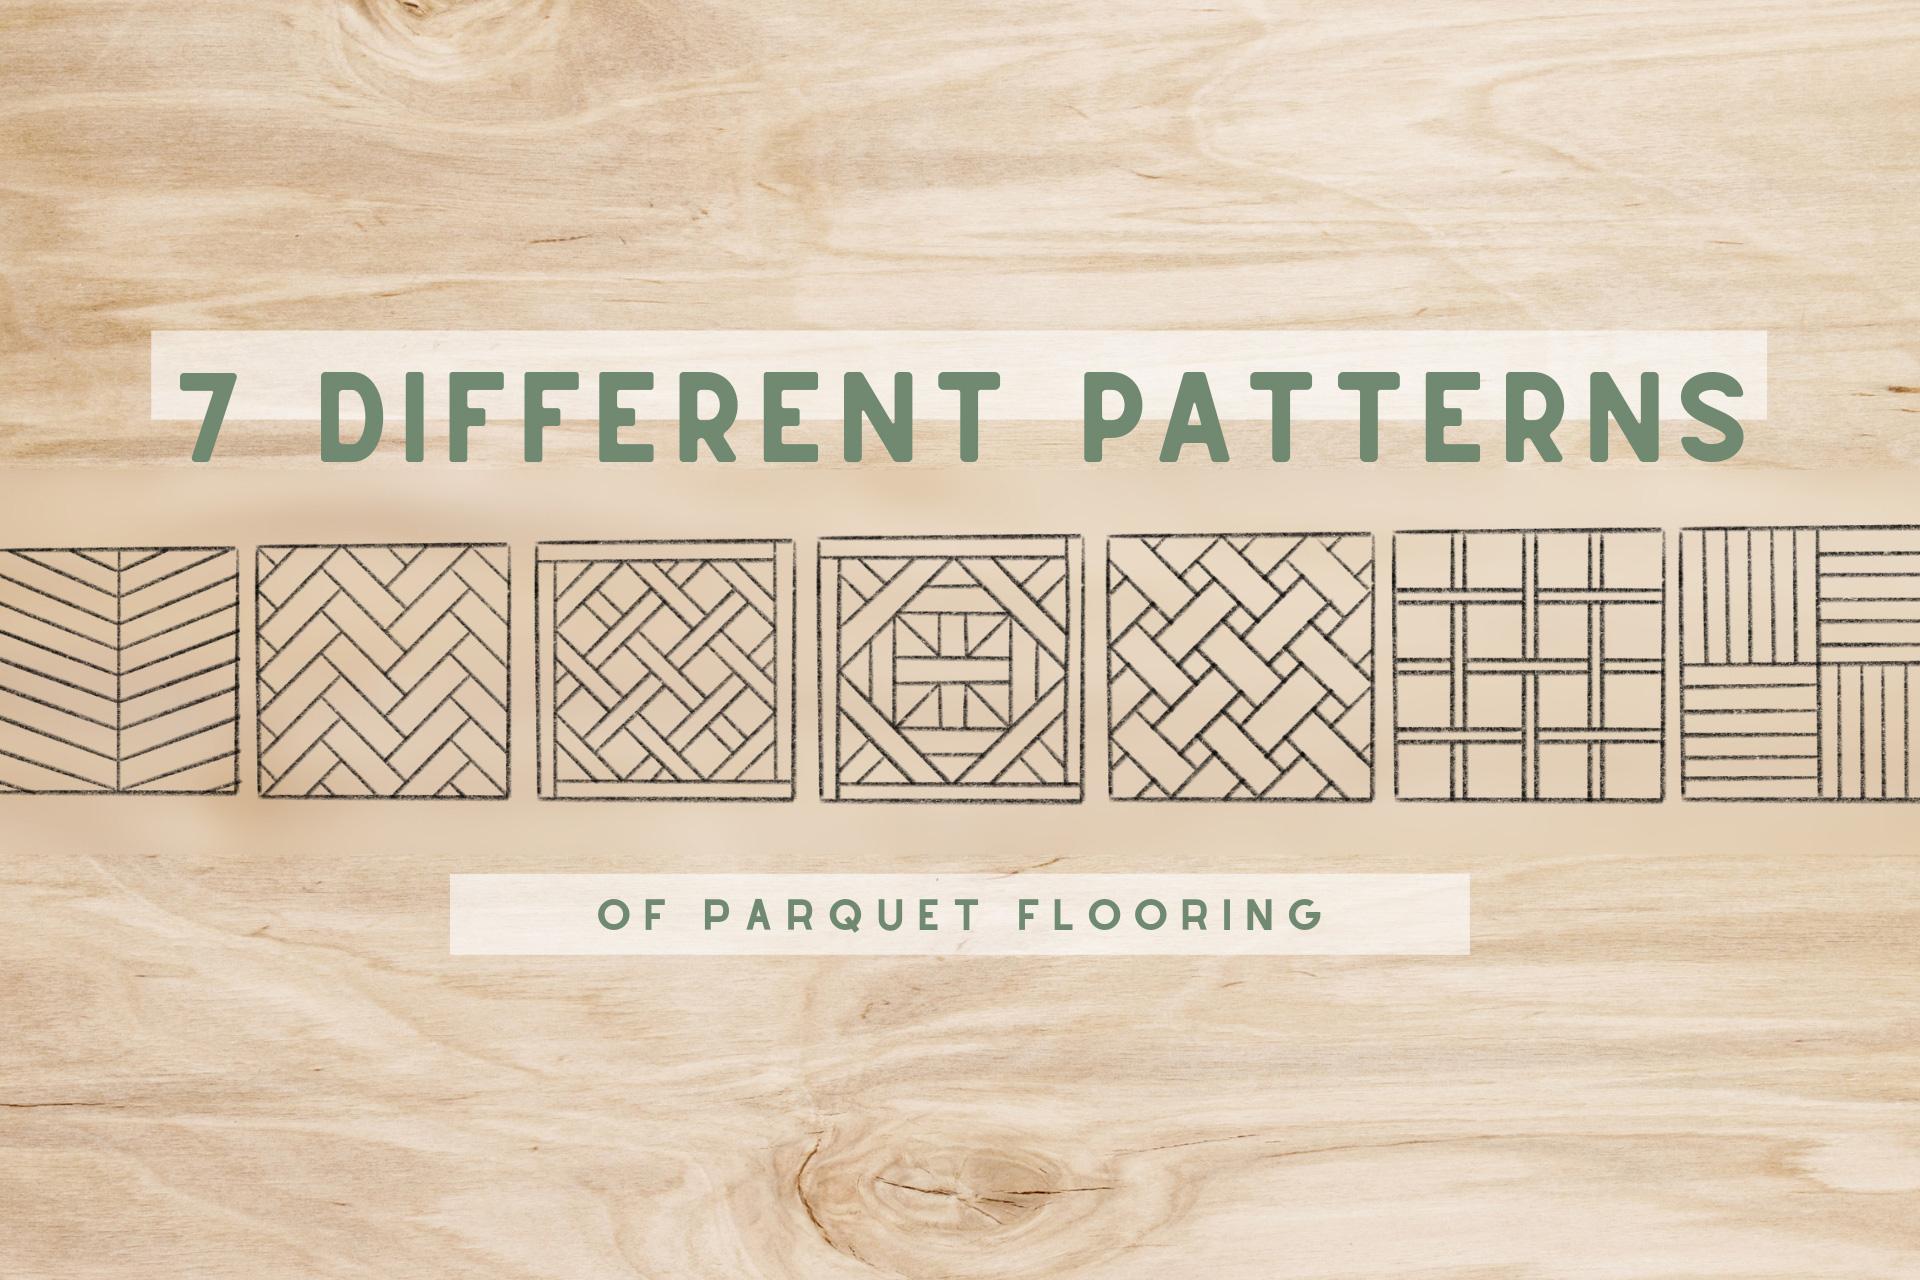 Parquet-Flooring-2